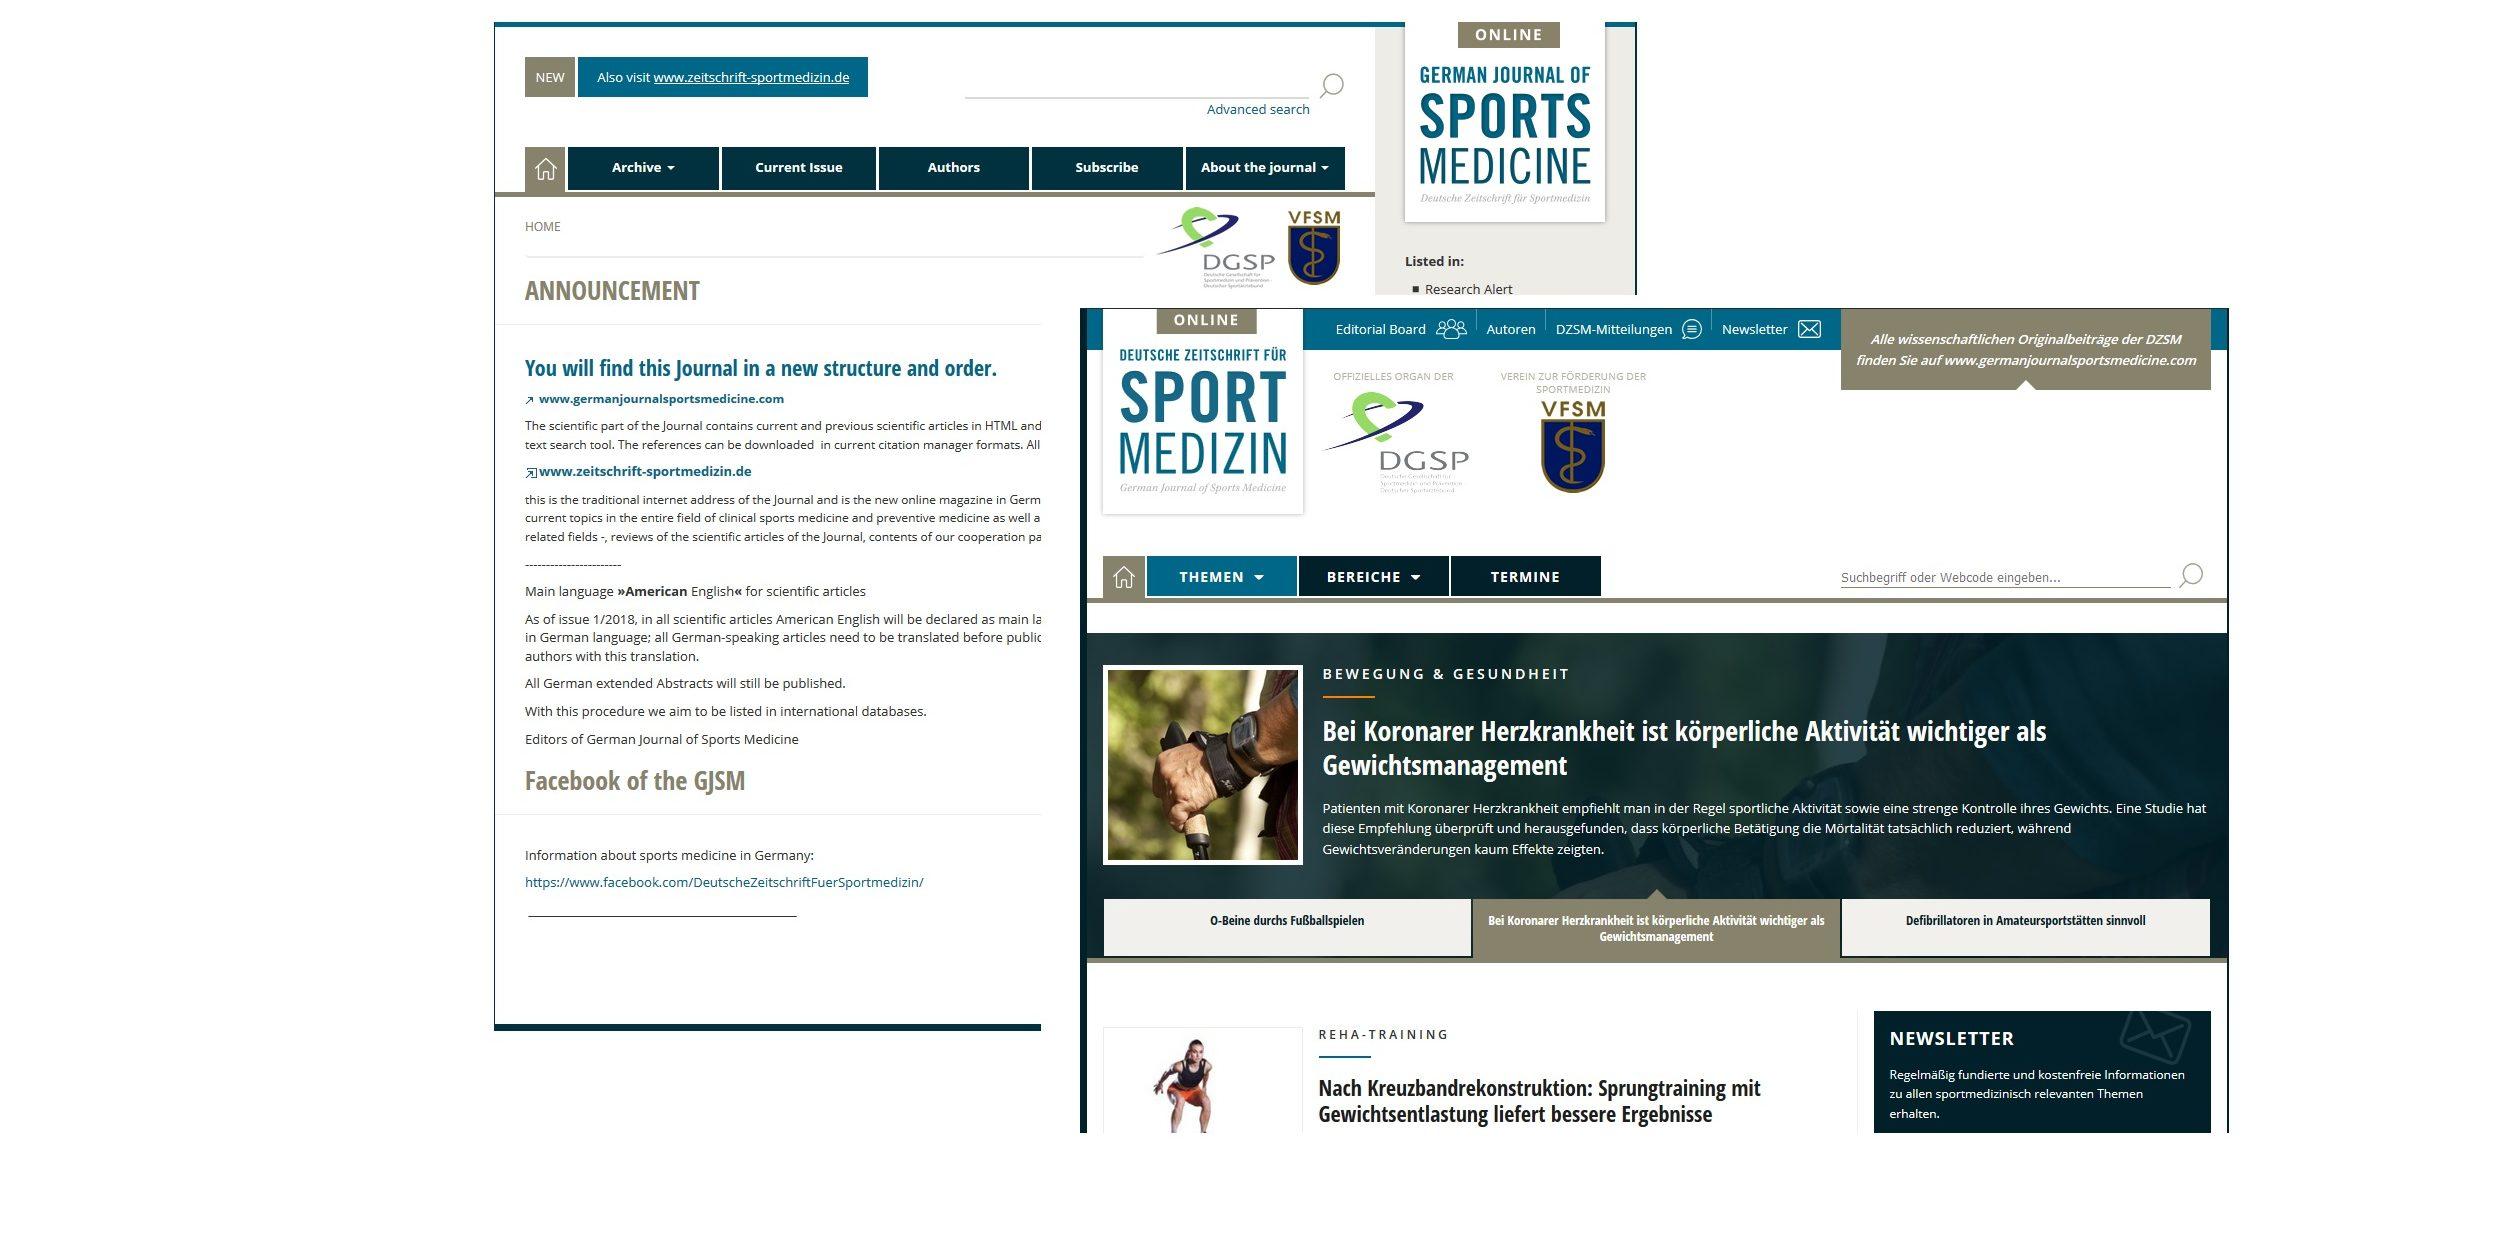 Eine Zeitschrift für die deutsche Sportmedizin – ein Forum für die sportmedizinische Praxis und für die Wissenschaft